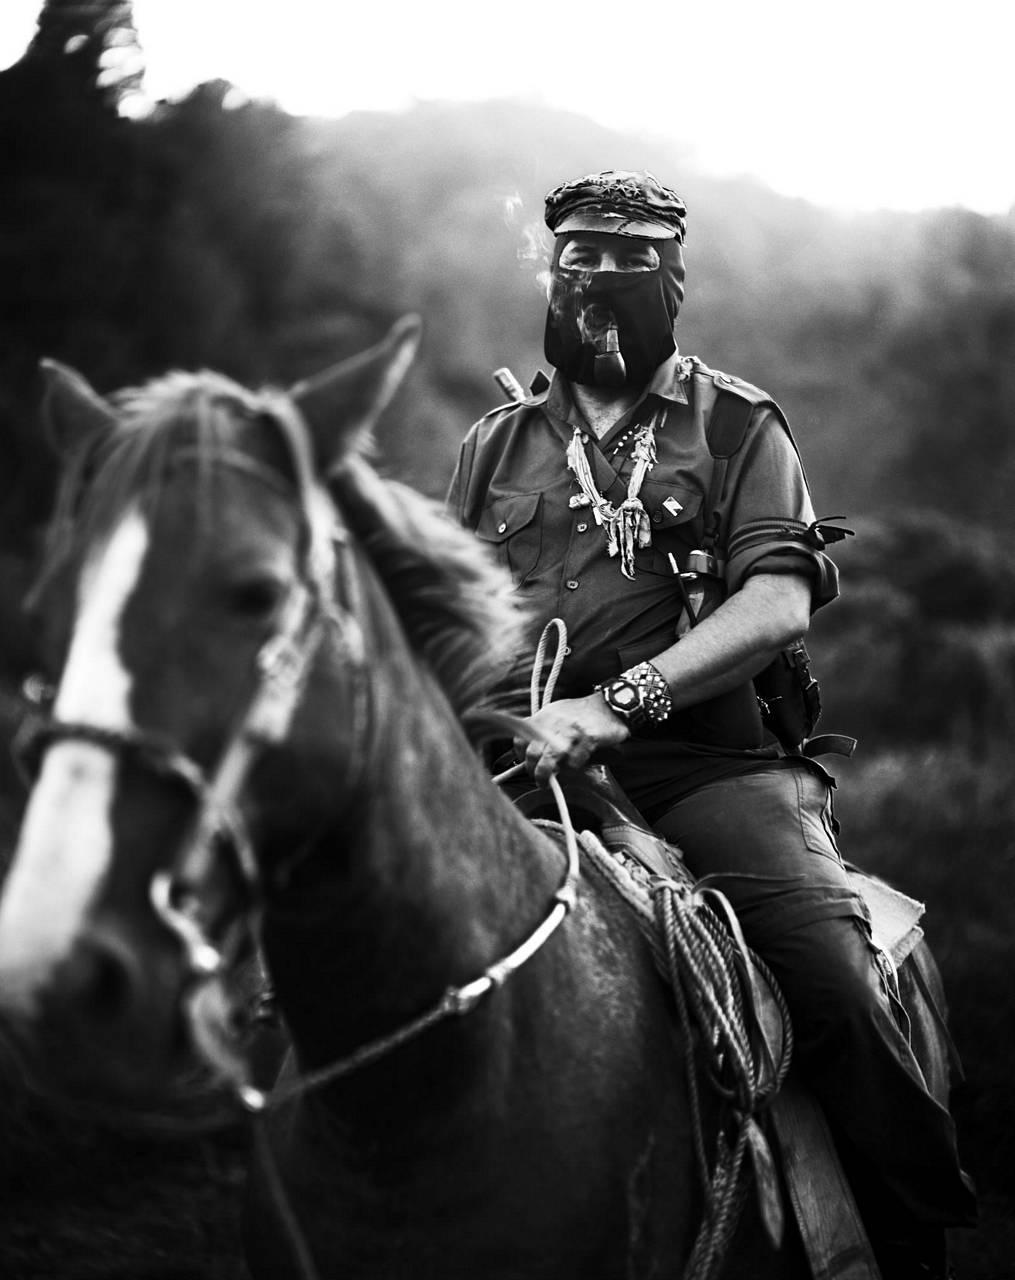 Subcomandante Marcos of the EZLN